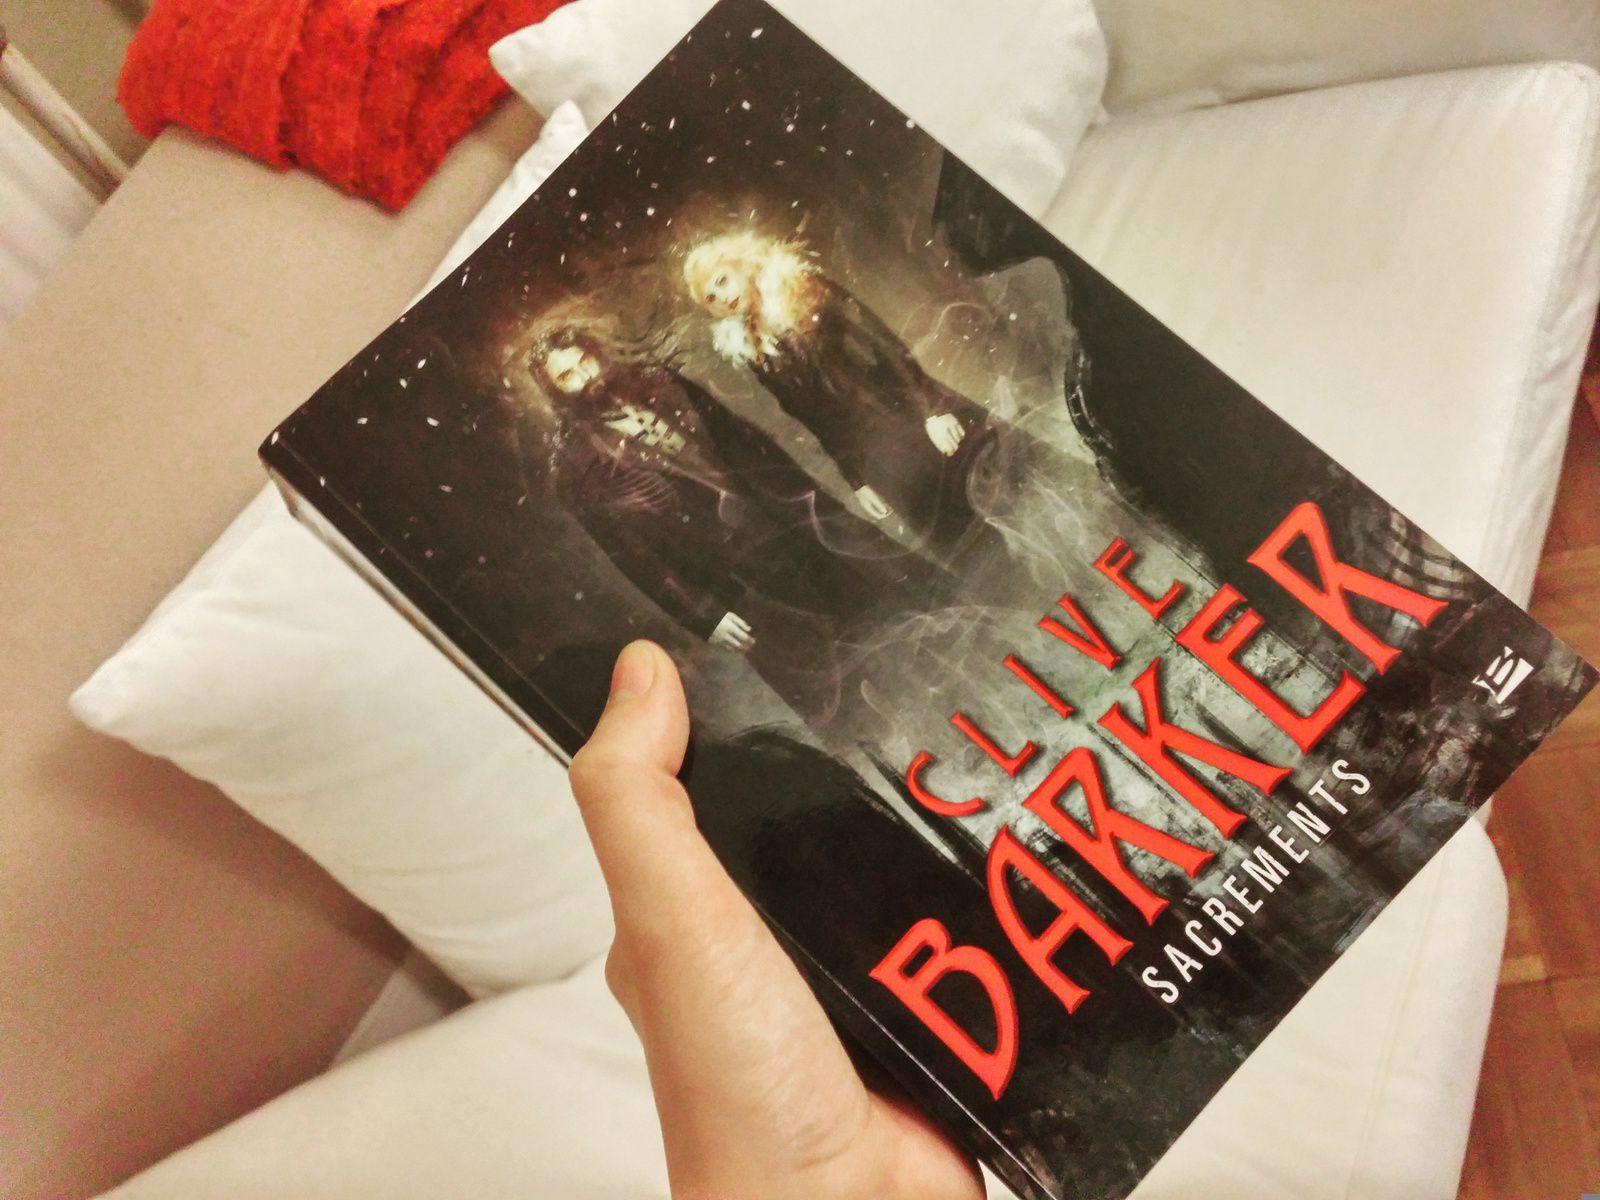 [Chronique] Sacrements, de Clive Barker